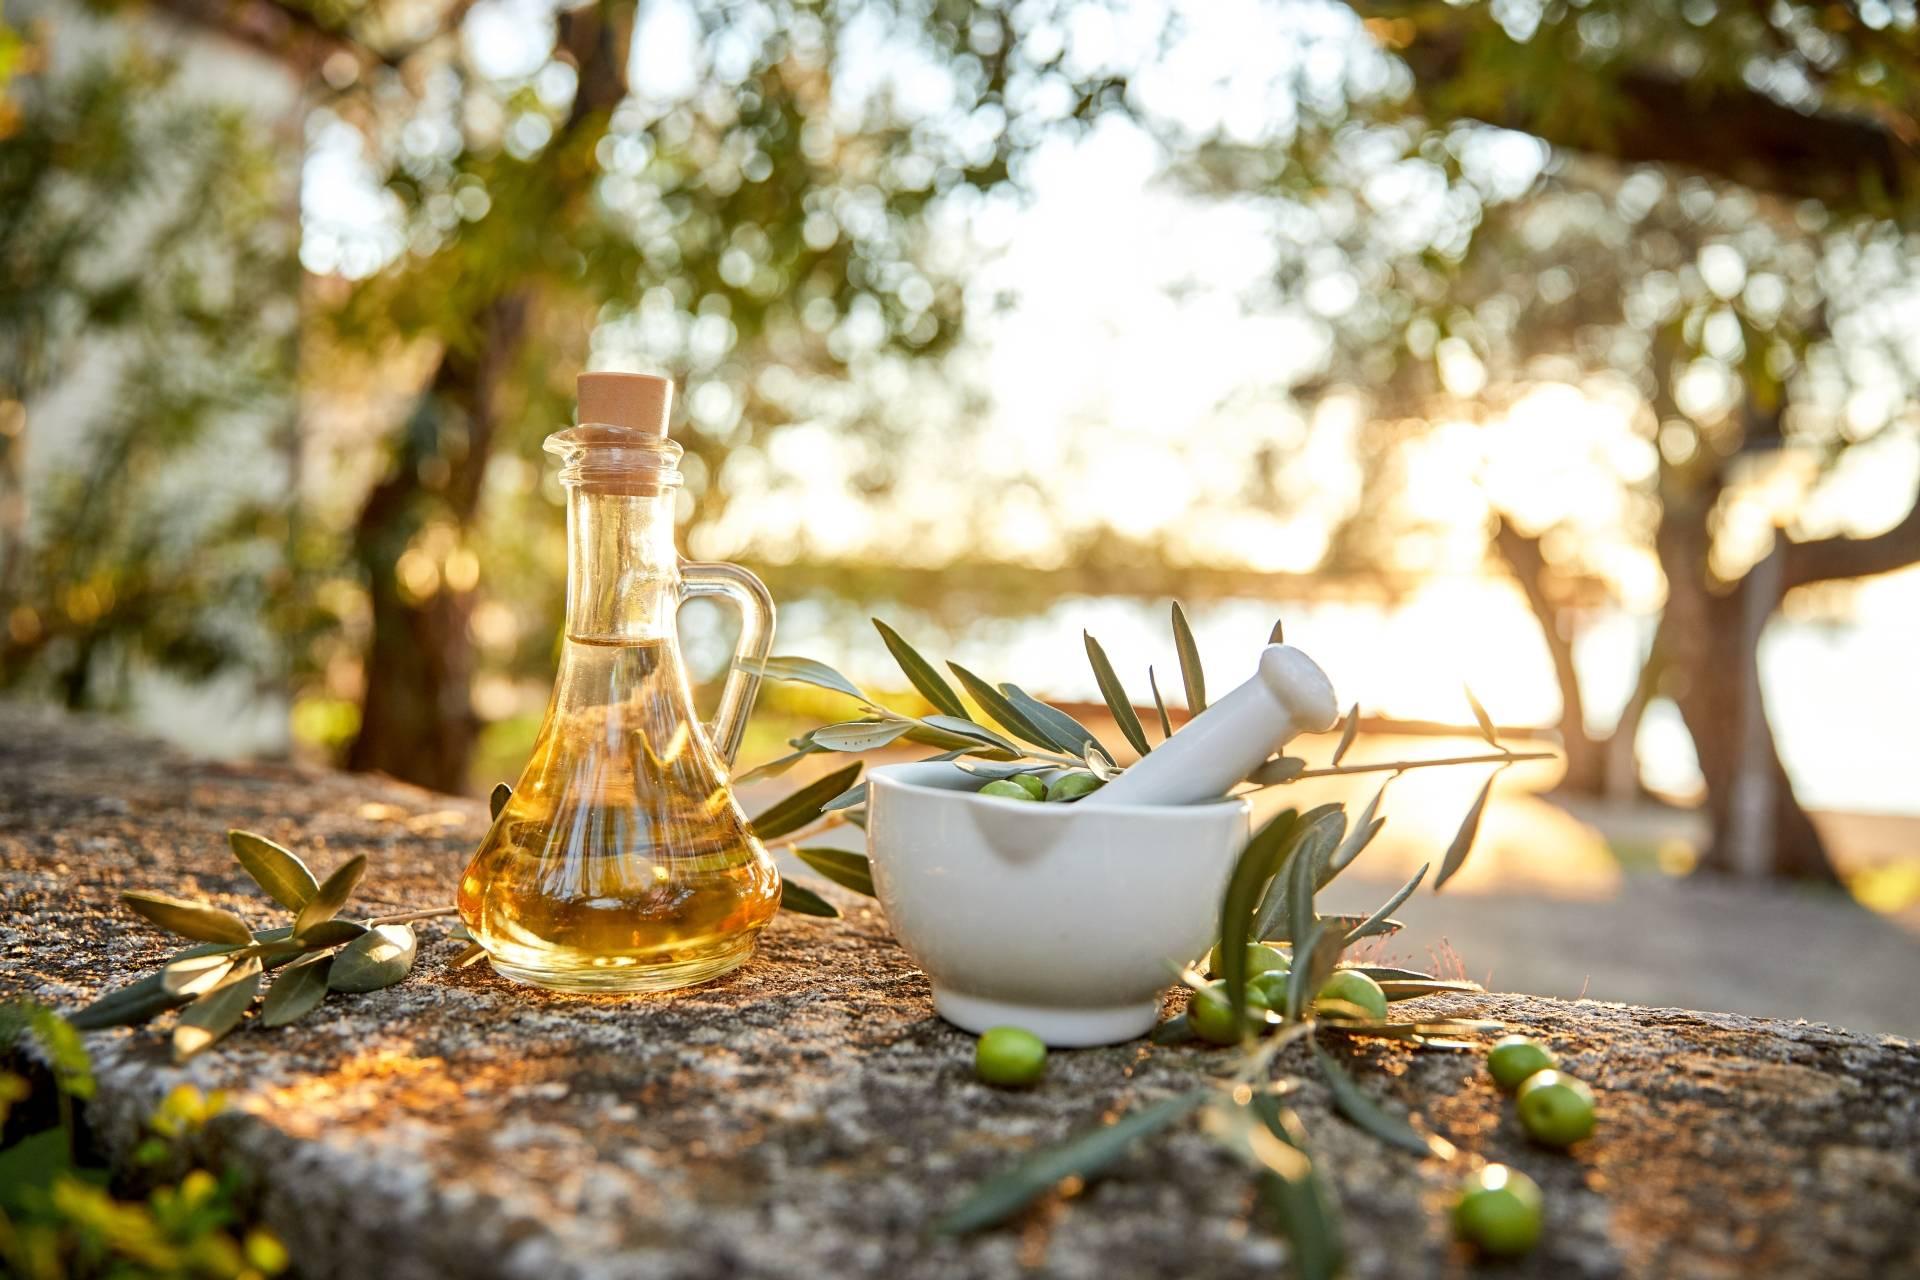 Liść oliwny na wirusy. Jak zwalczać wirusy w organizmie?